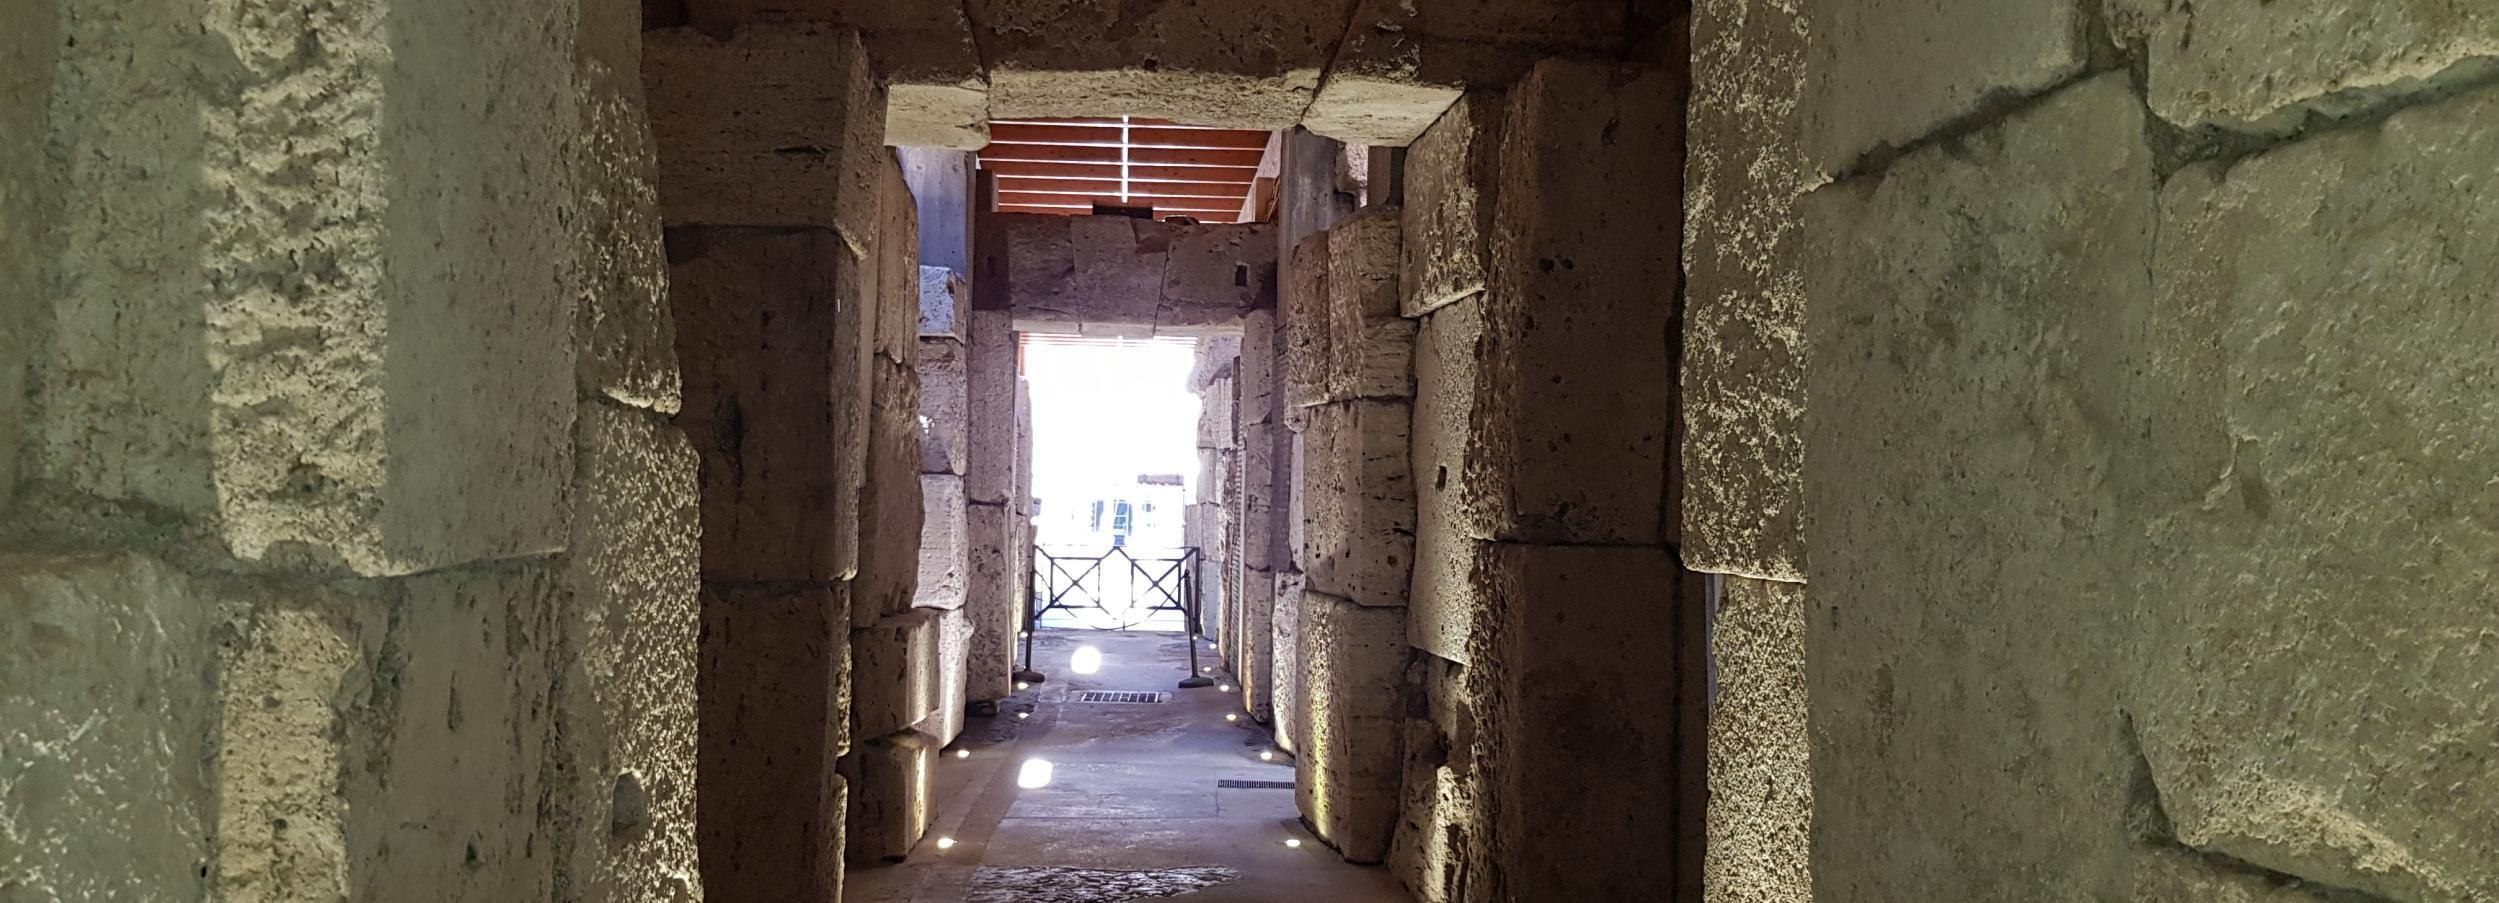 Roma: ingresso prioritario e tour dei sotterranei